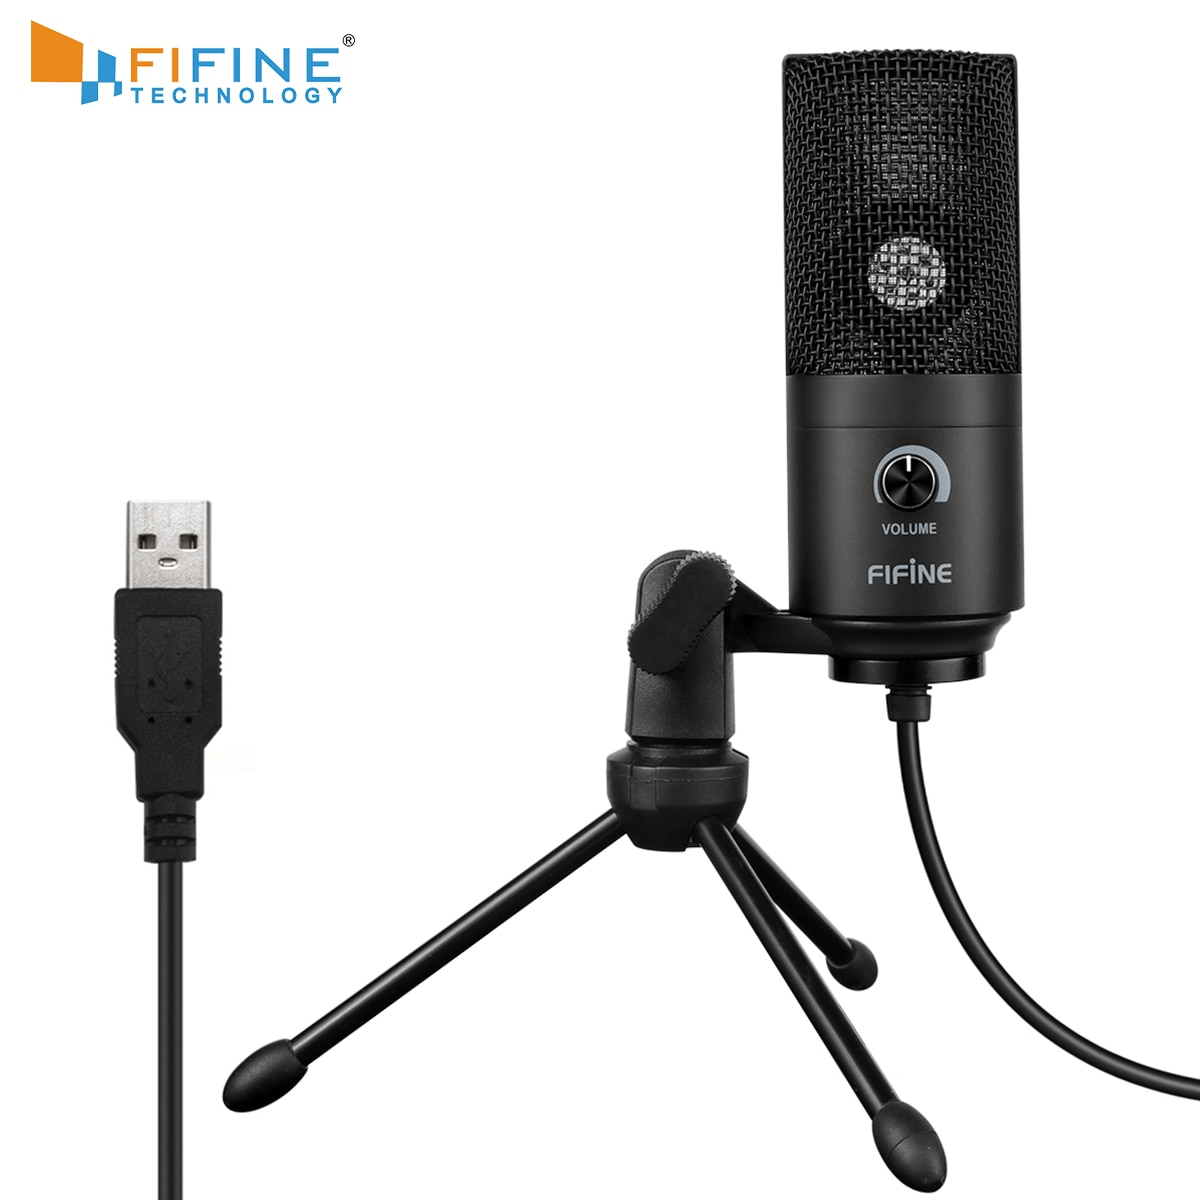 ميكرفون تسجيل مقبس USB دعوى للكمبيوتر ويندوز كمبيوتر محمول حساسية عالية لعبة أداة تسجيل الفيديو K669B